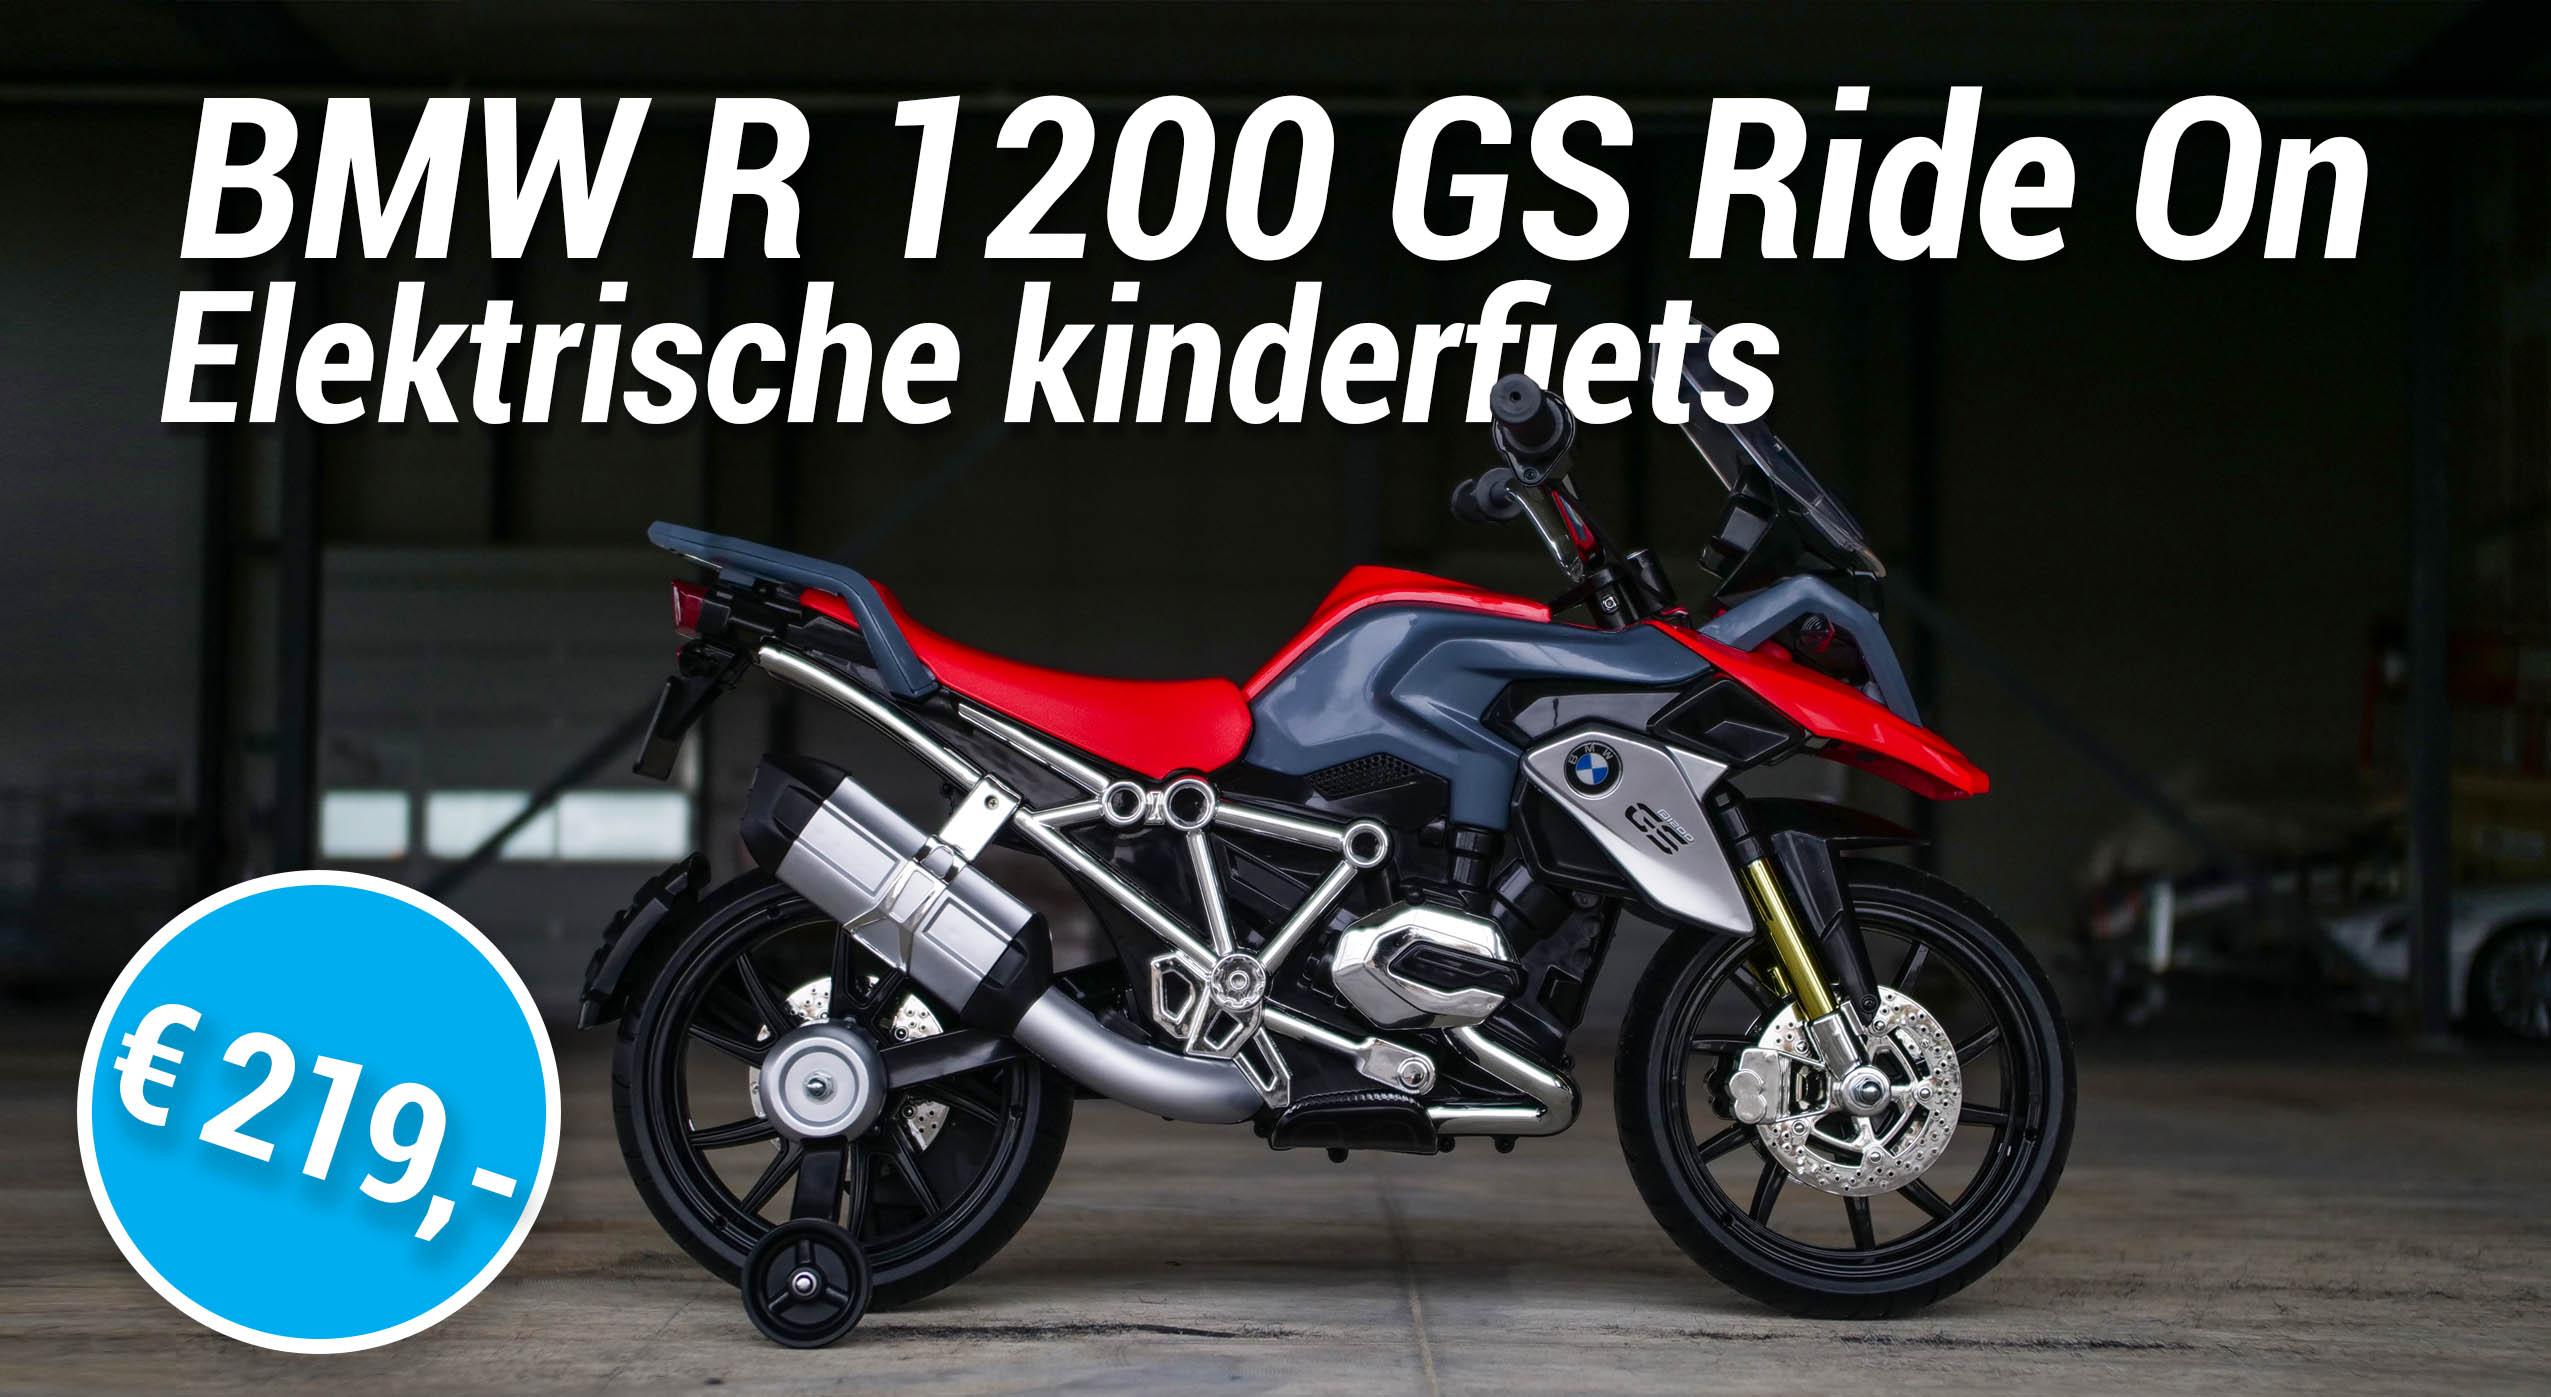 r1200gs-rideon-export.jpg